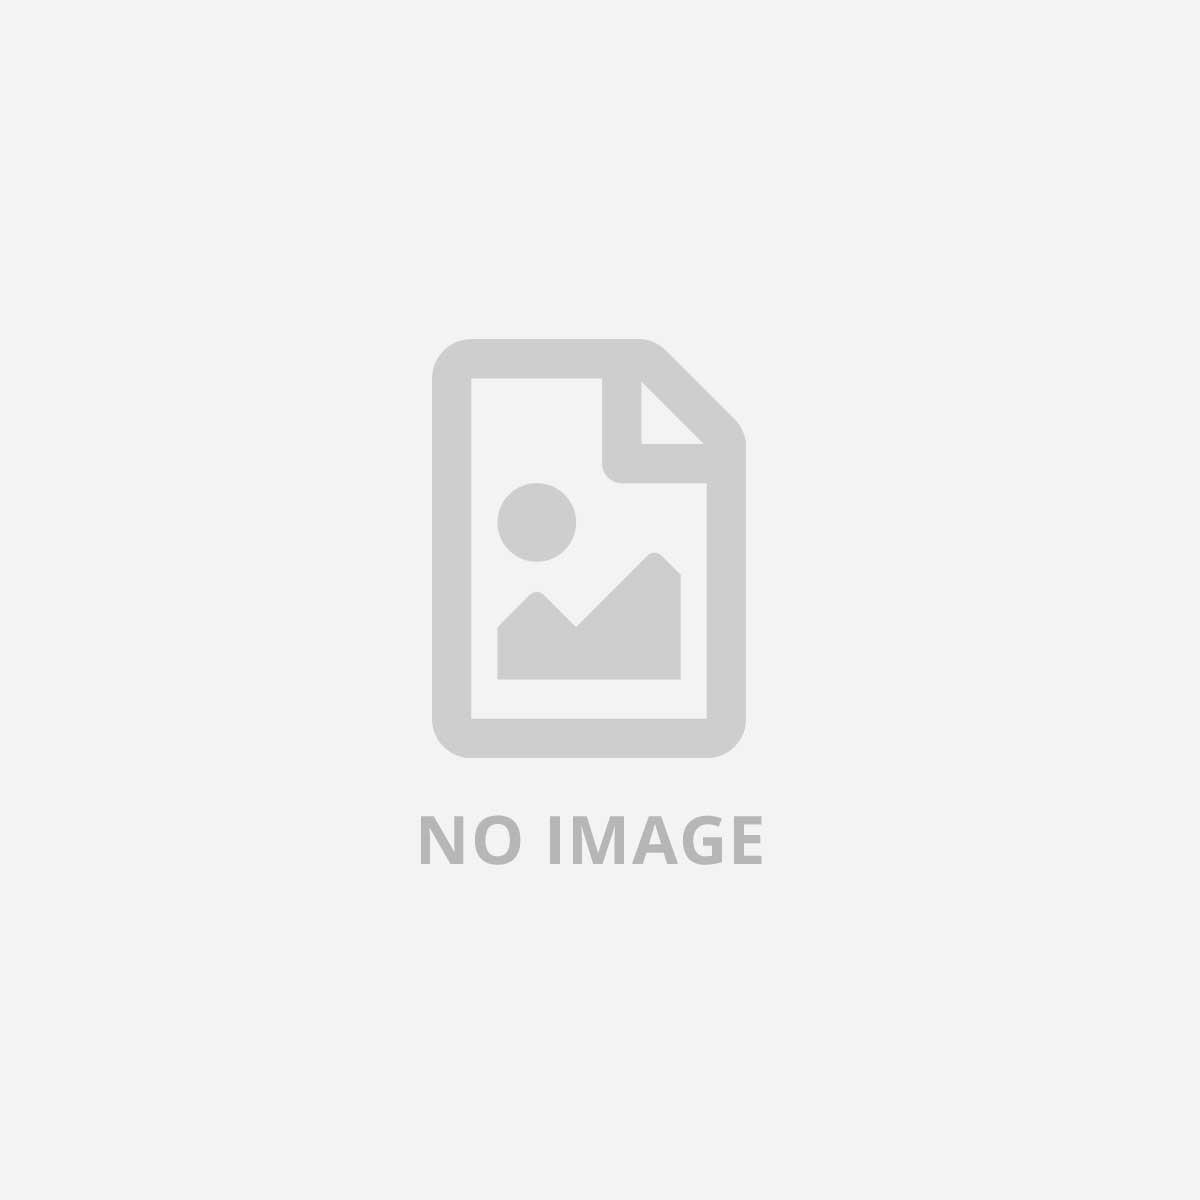 CANON PIXMA TS3355 BLACK